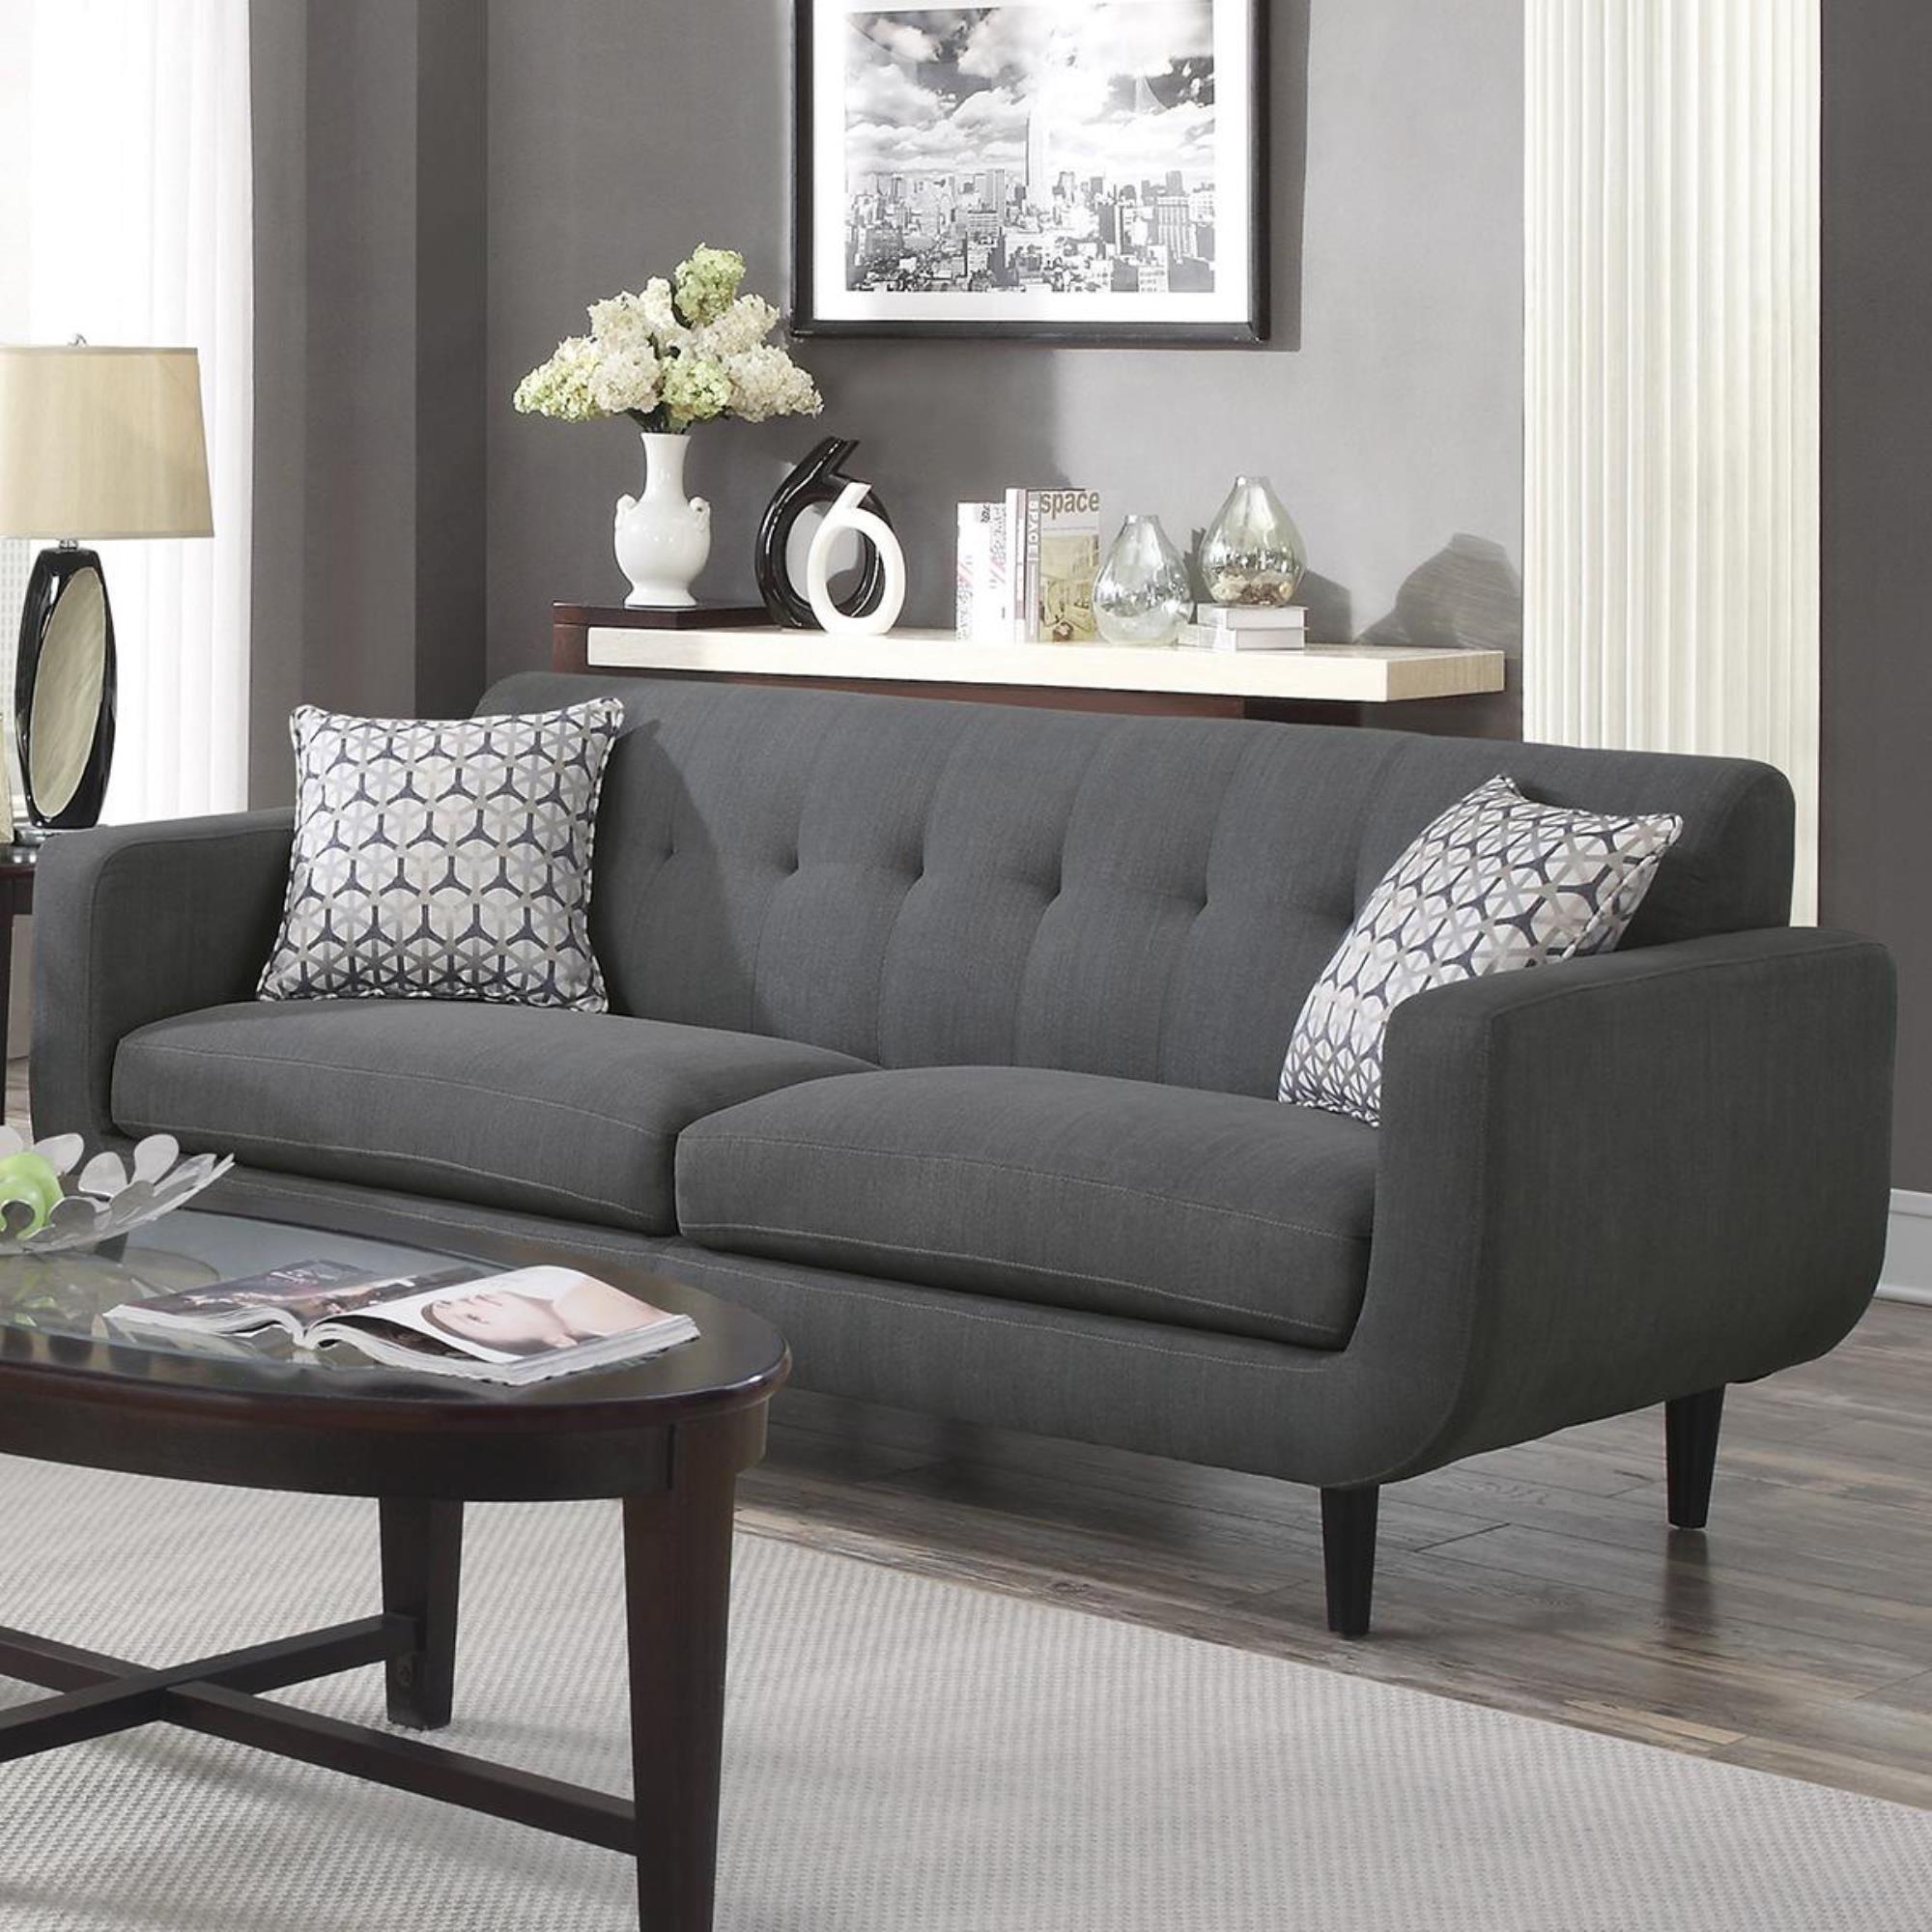 Pin On Furniture #nebraska #furniture #living #room #sets